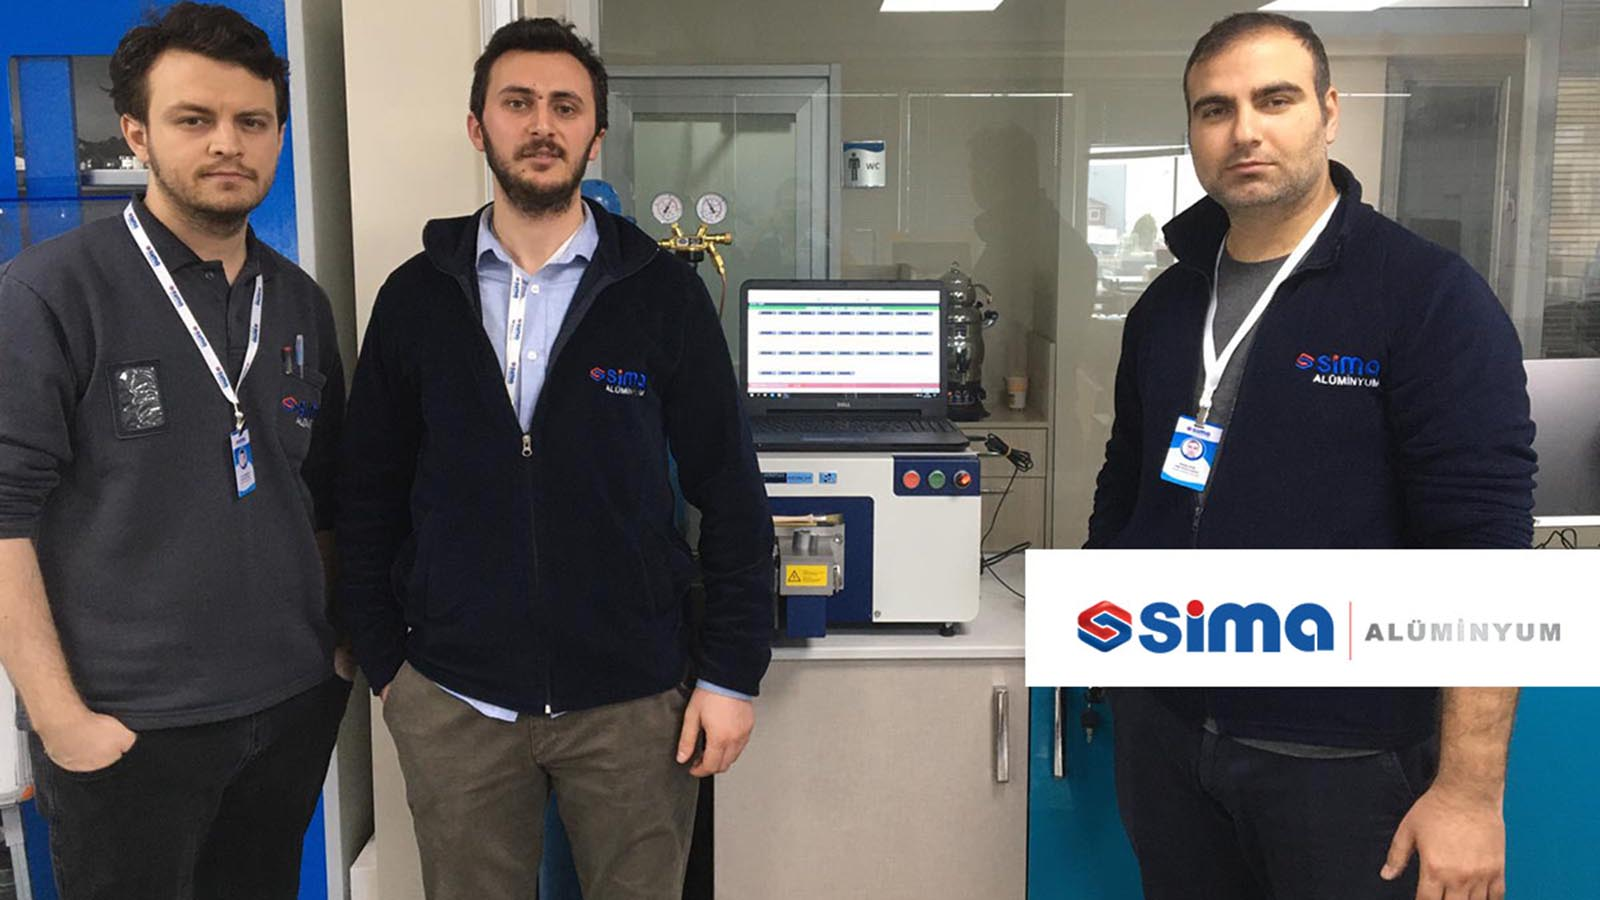 Sima Alüminyum Üretiminde Kalite Kontrollerini Hitachi Foundry Master Smart Optik Emisyon Spektrometresiyle Yapıyor!